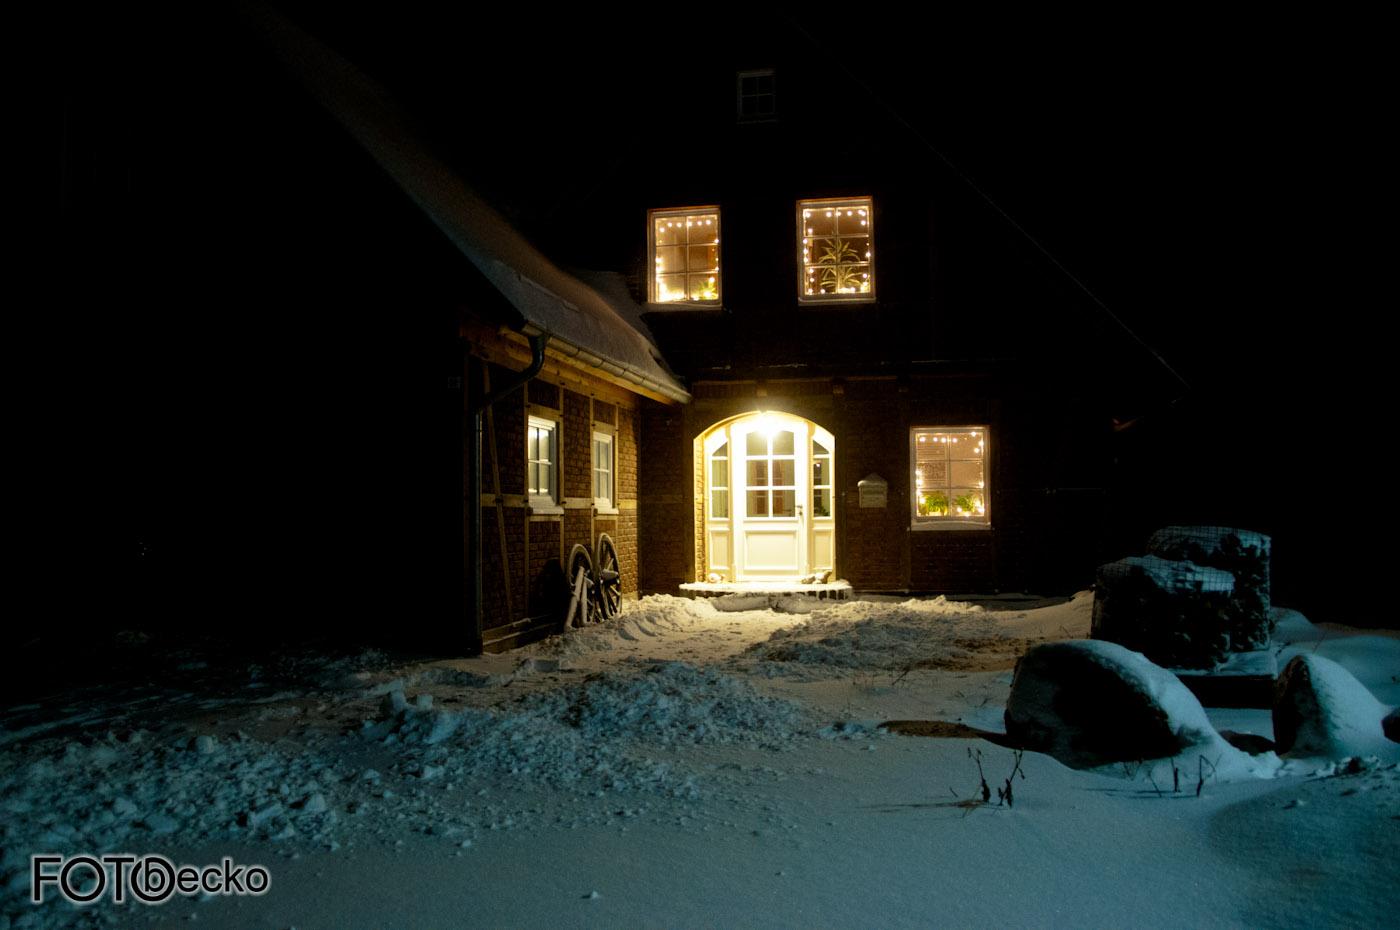 Haus Weihnachtsbeleuchtung.Haus Im Schnee Bei Nacht Und Weihnachtsbeleuchtung Ab Auf Den